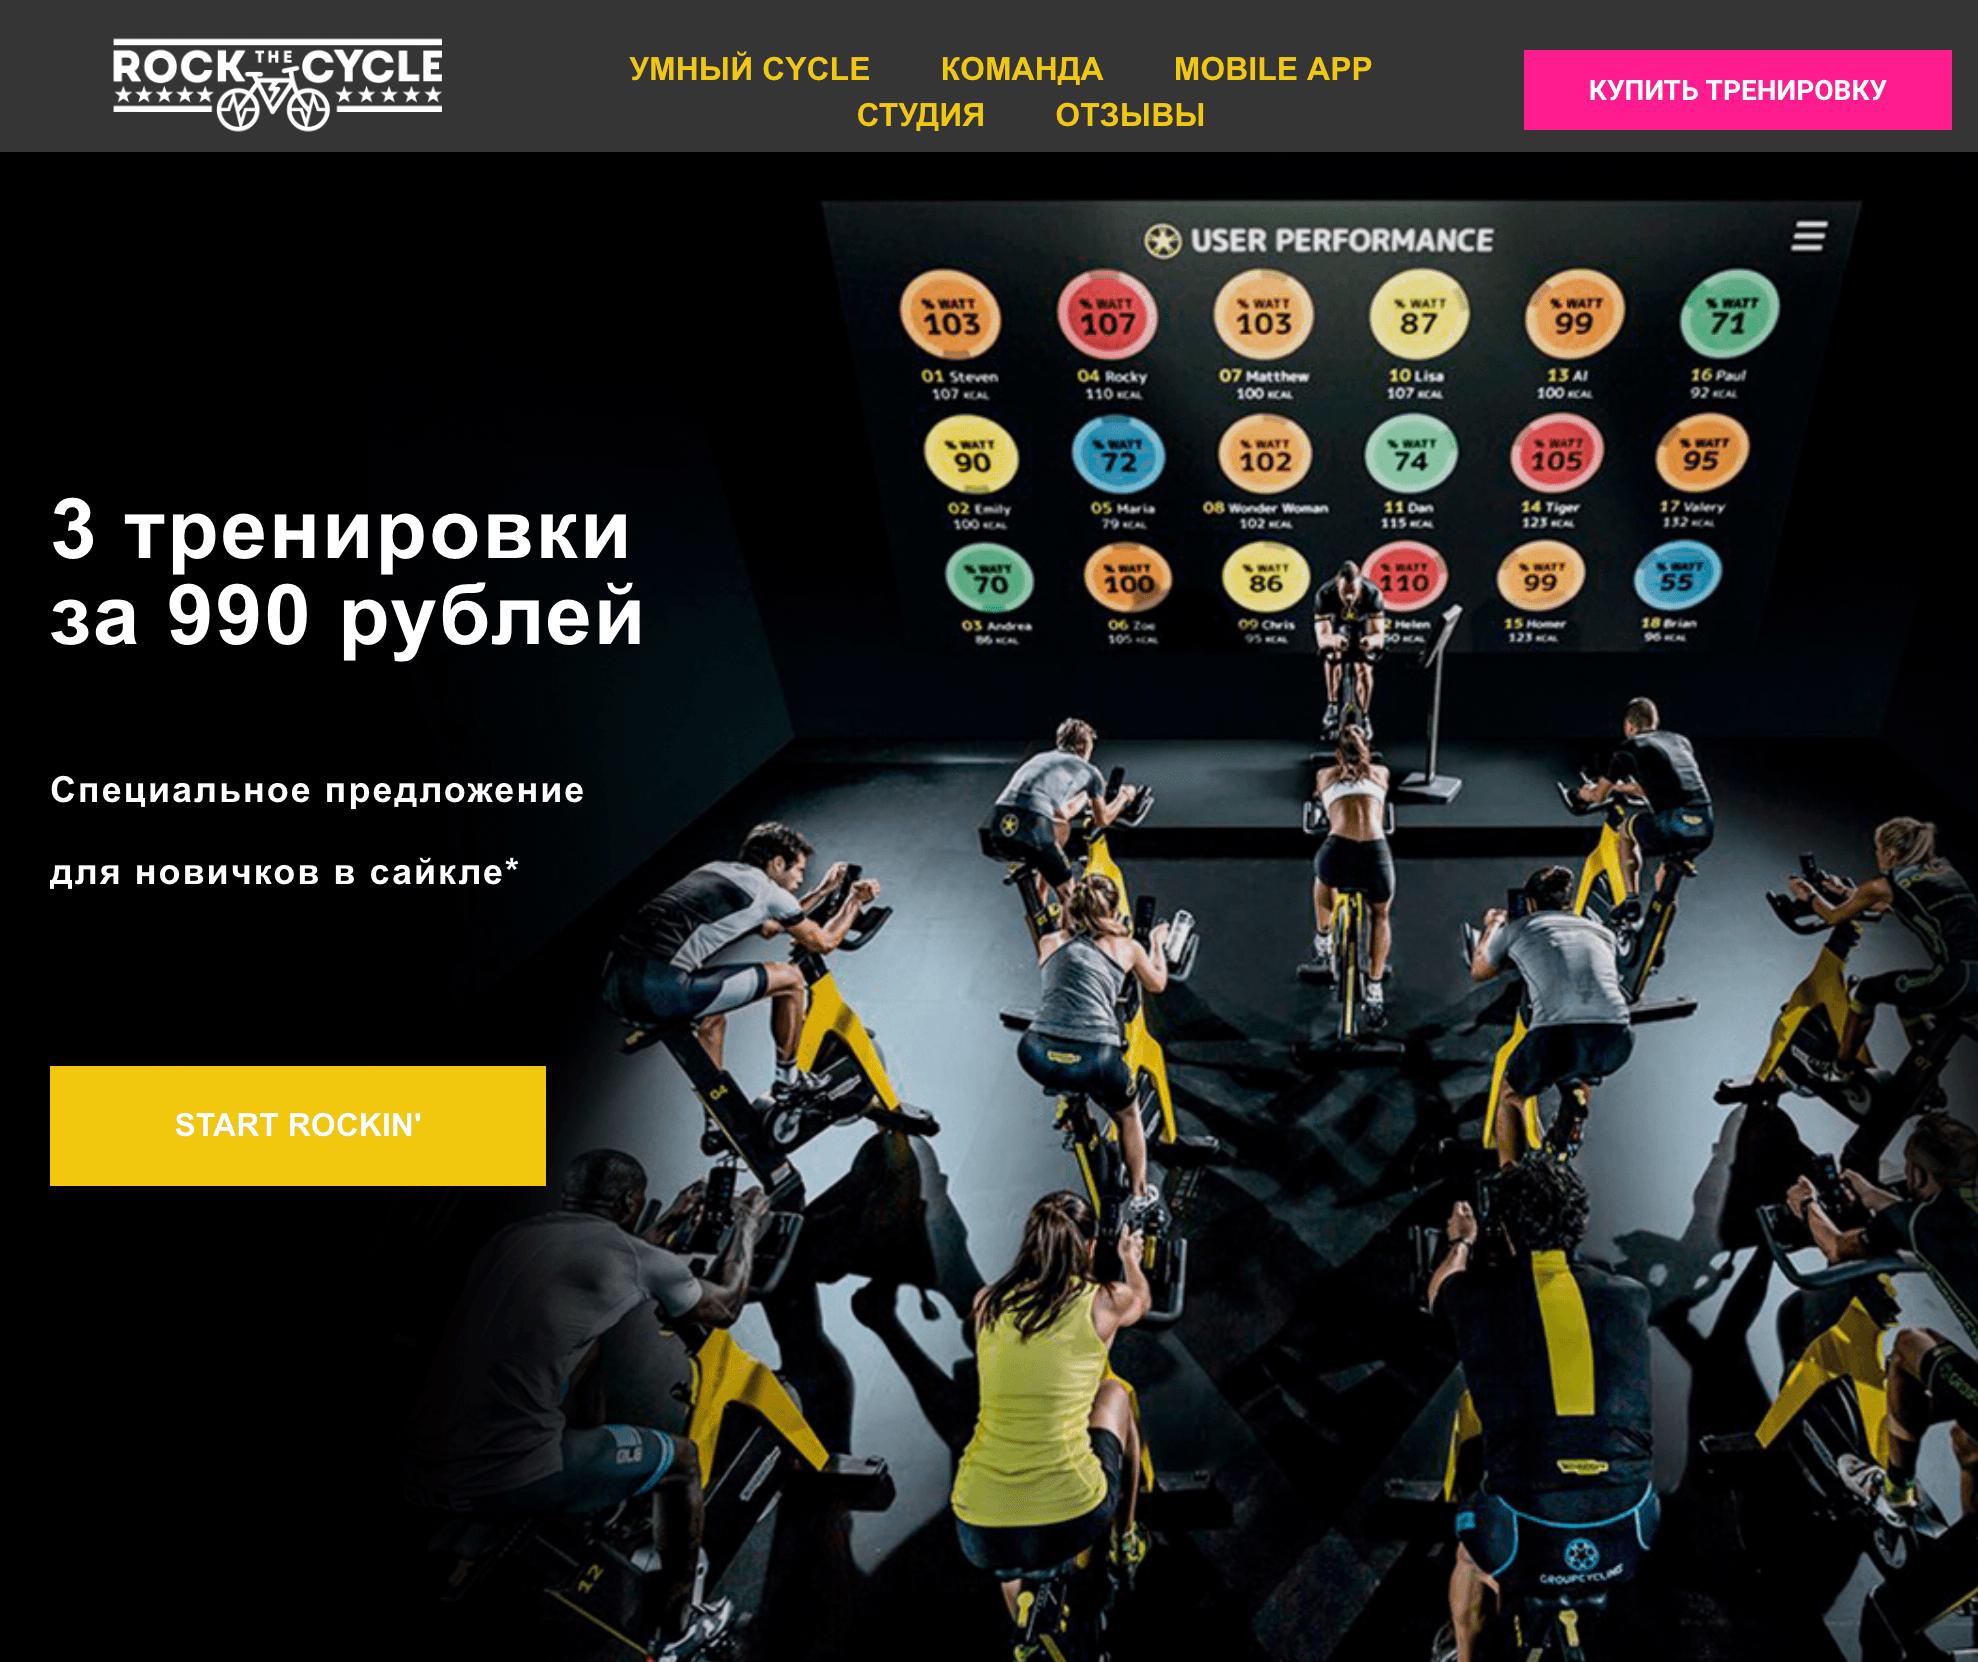 Сайт сайкл-студии был сделан до открытия, чтобы заранее привлекать клиентов